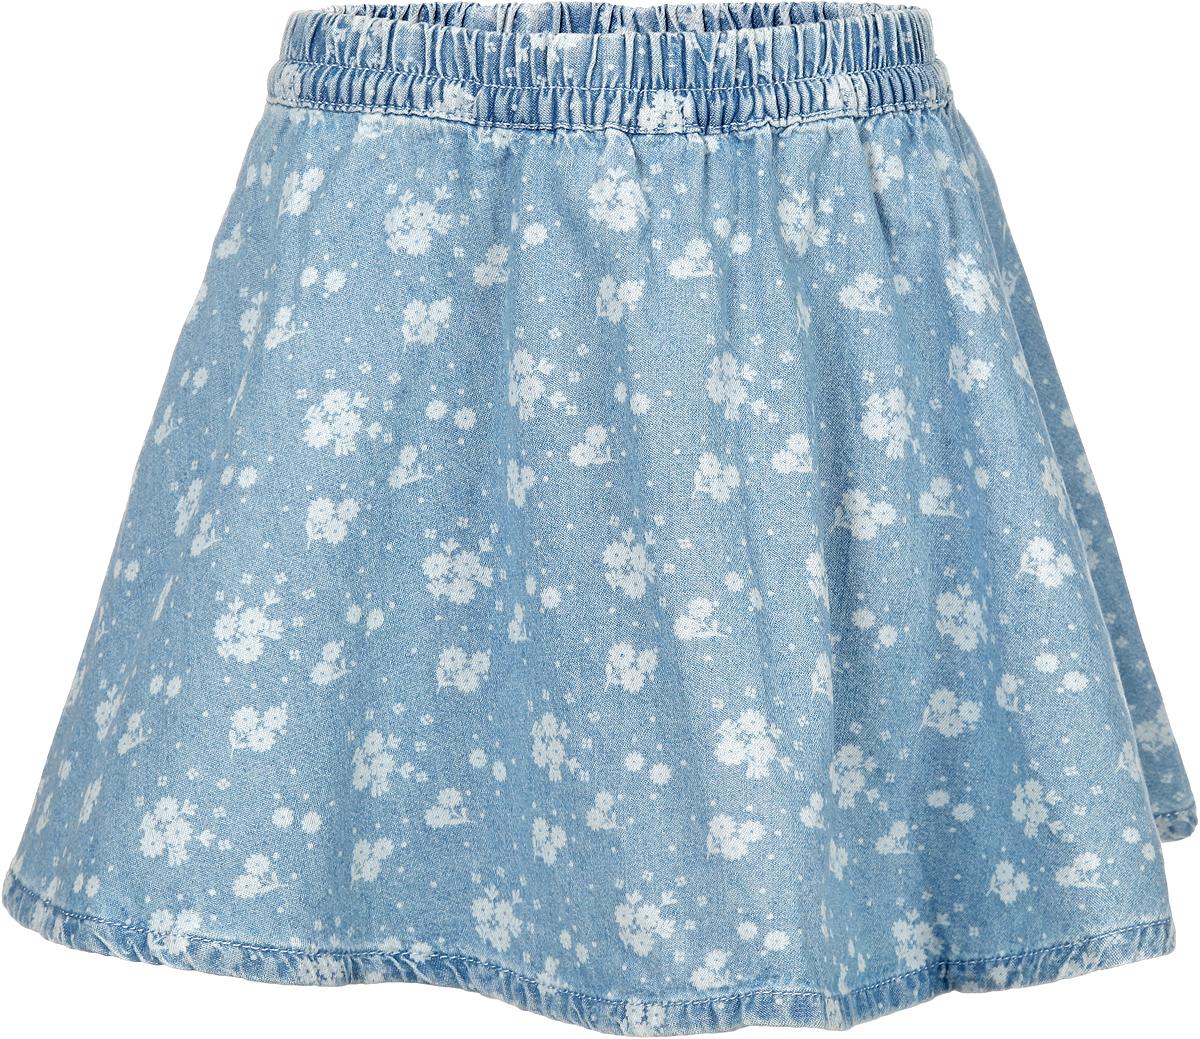 Юбка для девочки. 116BBGB6103116BBGB6103Юбка для девочки Button Blue подойдет вашей маленькой моднице и станет отличным дополнением к ее гардеробу. Изготовленная из натурального хлопка, она мягкая и приятная на ощупь, не сковывает движения и позволяет коже дышать. Модель на поясе имеет широкую трикотажную резинку, регулируемую скрытым шнурком, благодаря чему юбка не сползает и не сдавливает животик ребенка. От линии талии заложены складочки, придающие изделию пышность. Спереди расположены два втачных кармана. Модель оформлена цветочным принтом по всей поверхности. В такой юбочке ваша маленькая принцесса будет чувствовать себя комфортно, уютно и всегда будет в центре внимания!